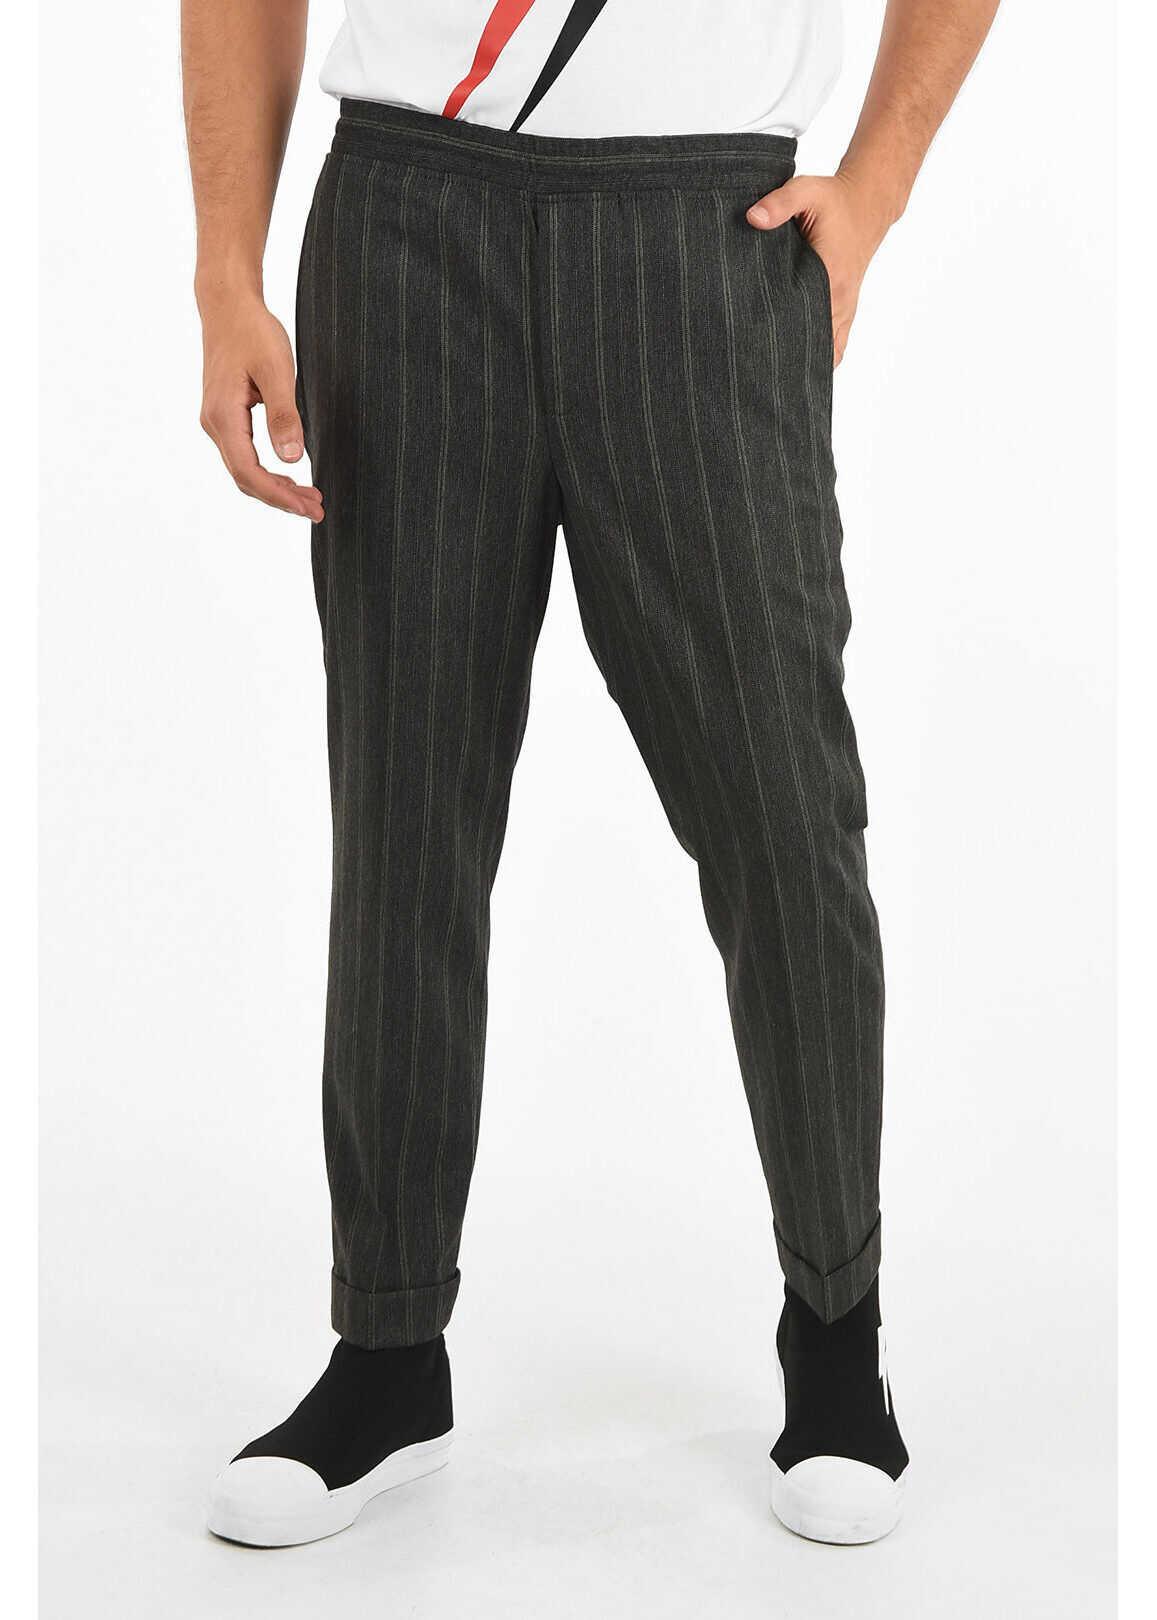 Neil Barrett Striped Slim Fit Pant GRAY imagine